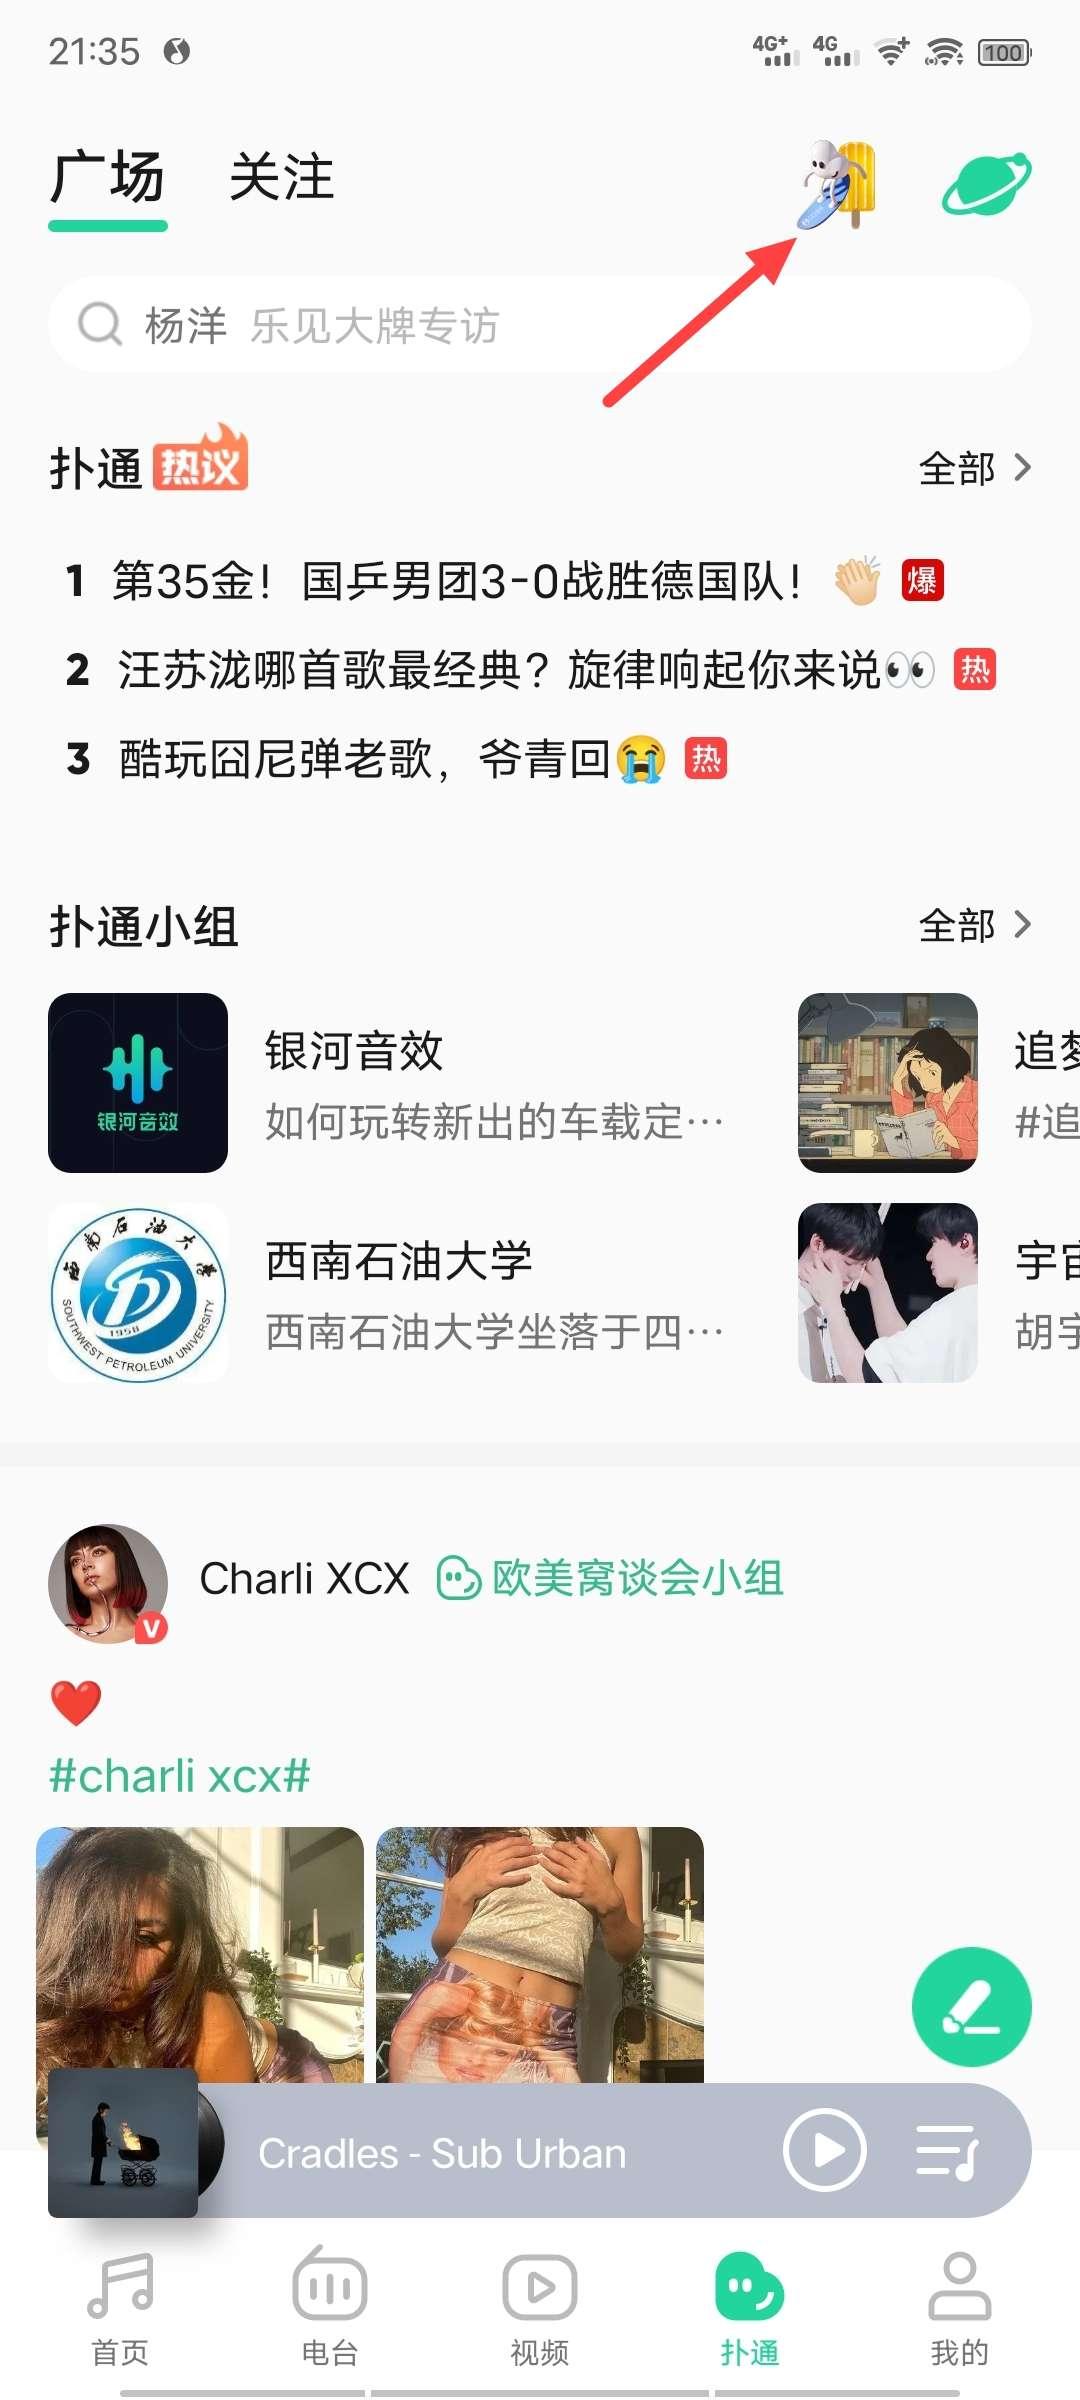 【实体会员专区】QQ音乐打卡签到领积分换购实体和vip会员插图